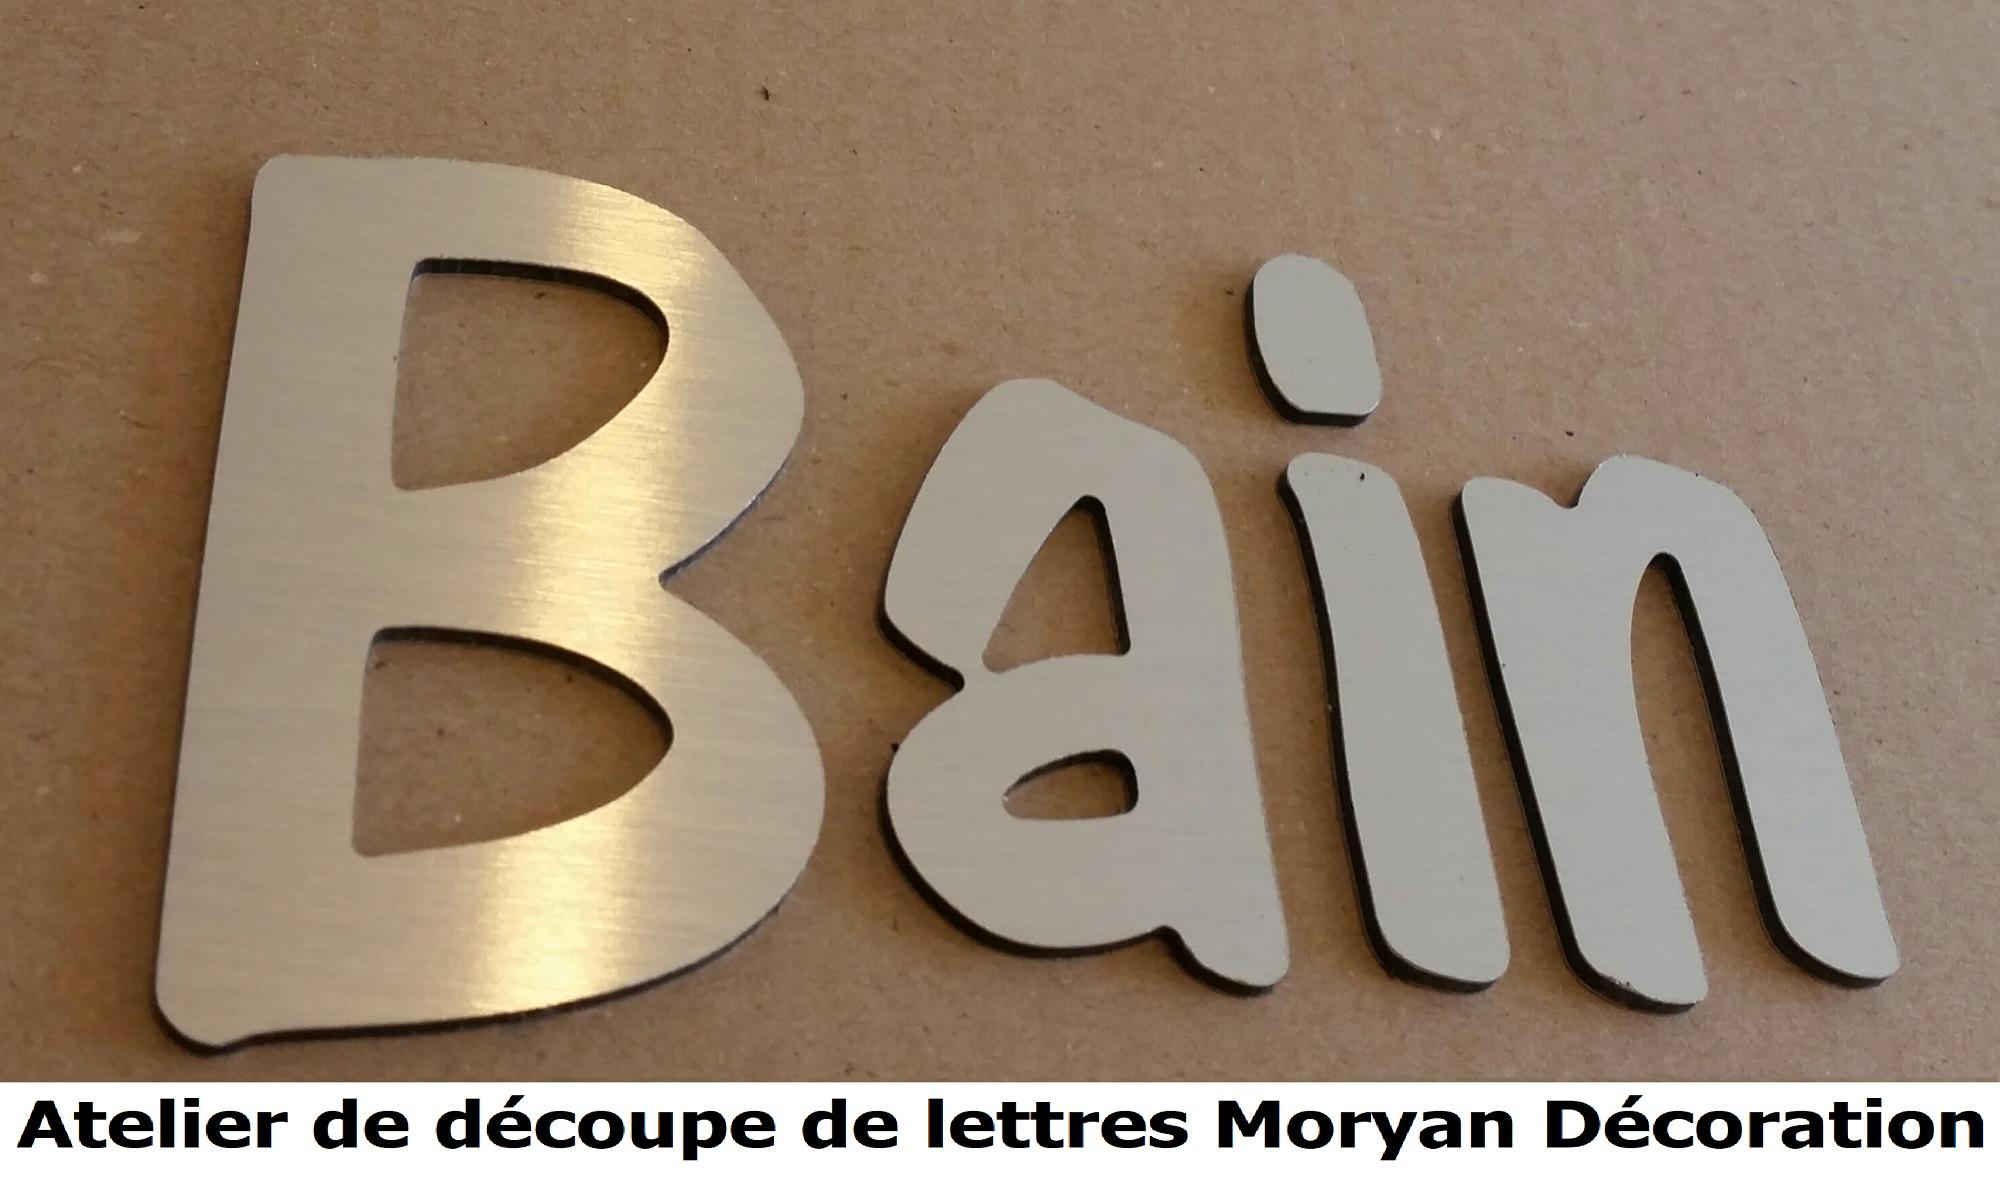 Lettre deco BAIN 1